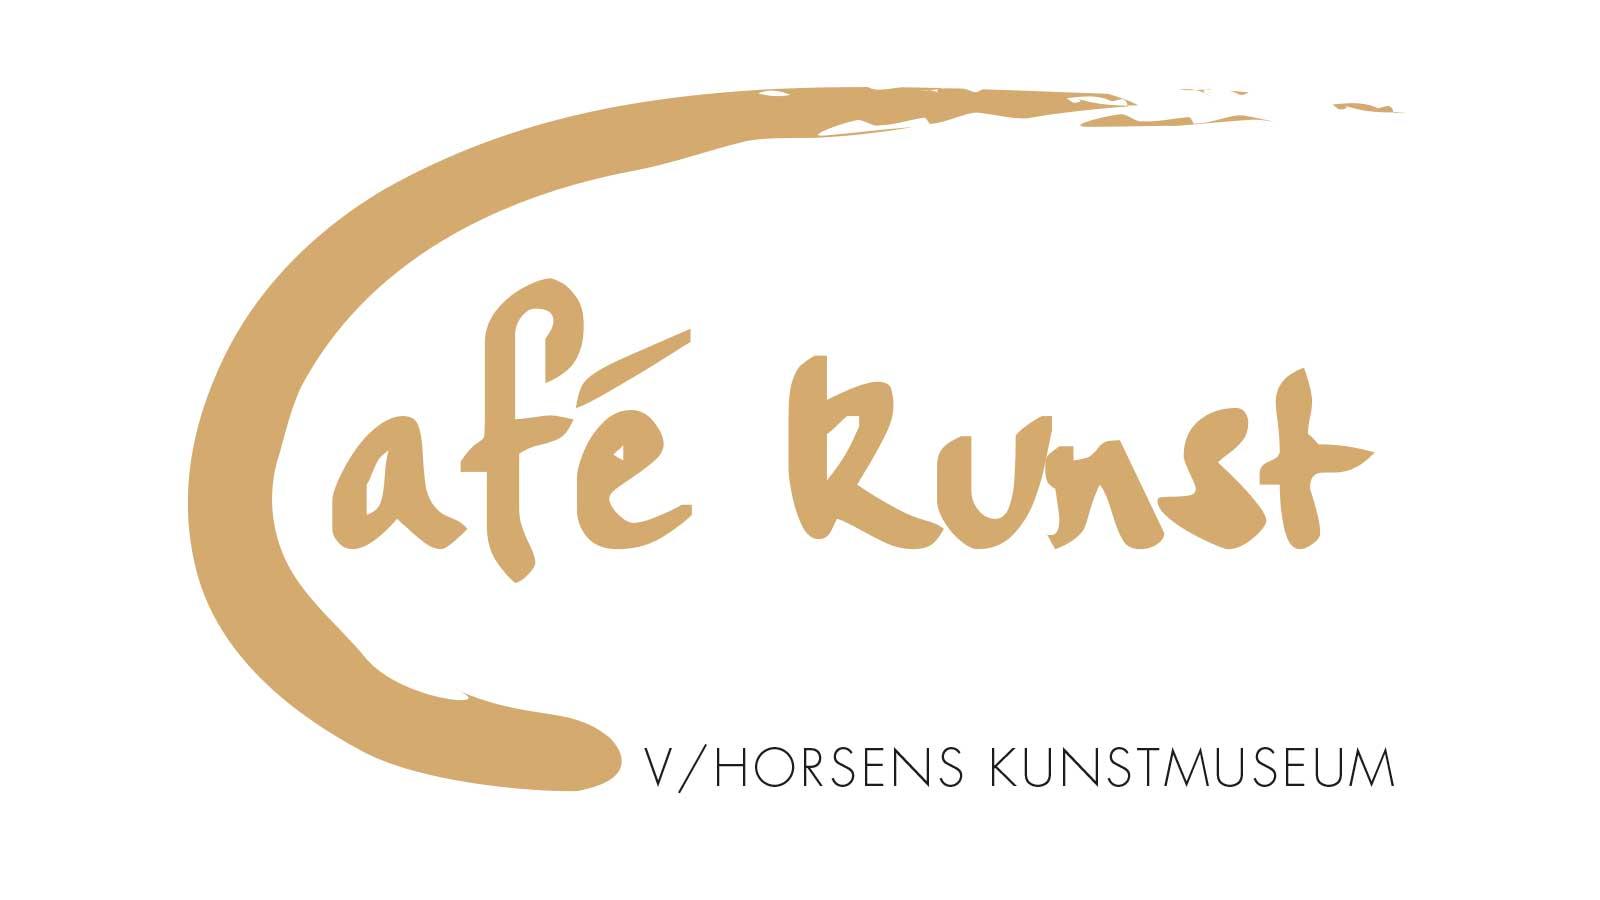 Cafe_kunst_1600x900-1